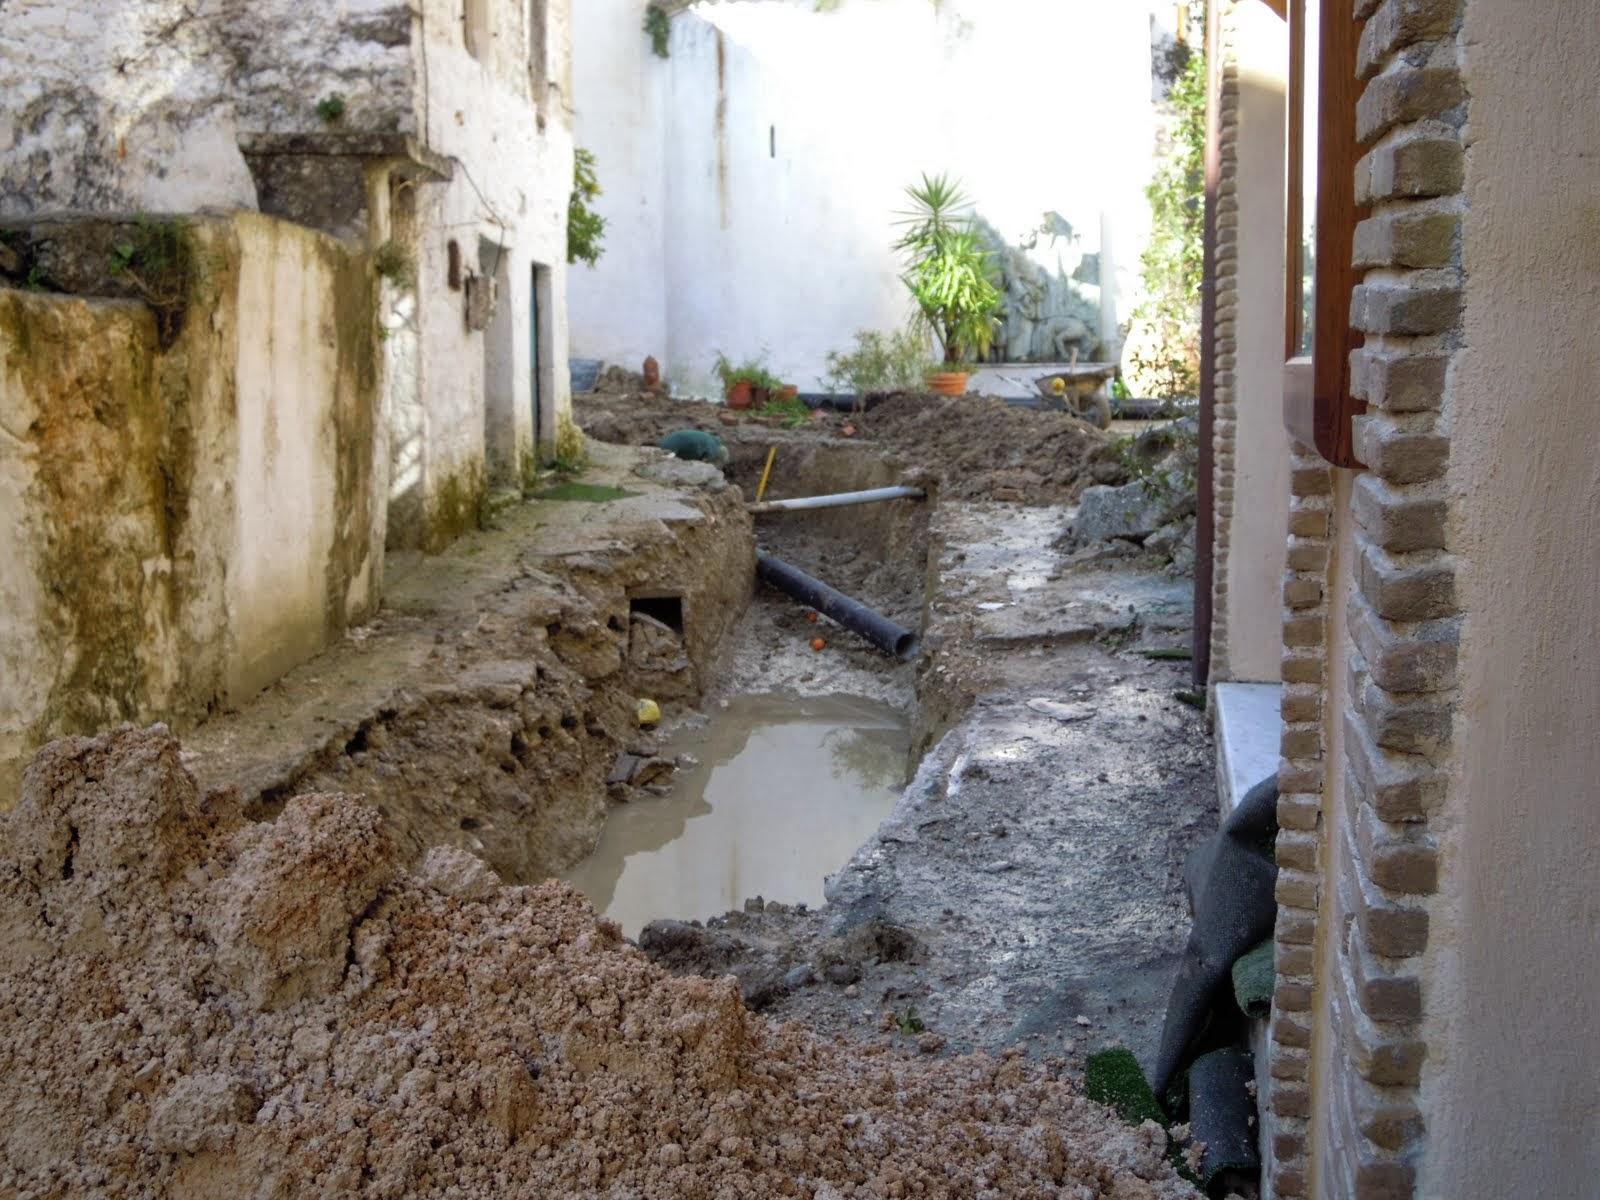 KAΣΤΟΡΙΑ - Δείτε τι βρήκαν εργάτες σκάβοντας στα έργα του Δήμου Καστοριάς (Φωτο)